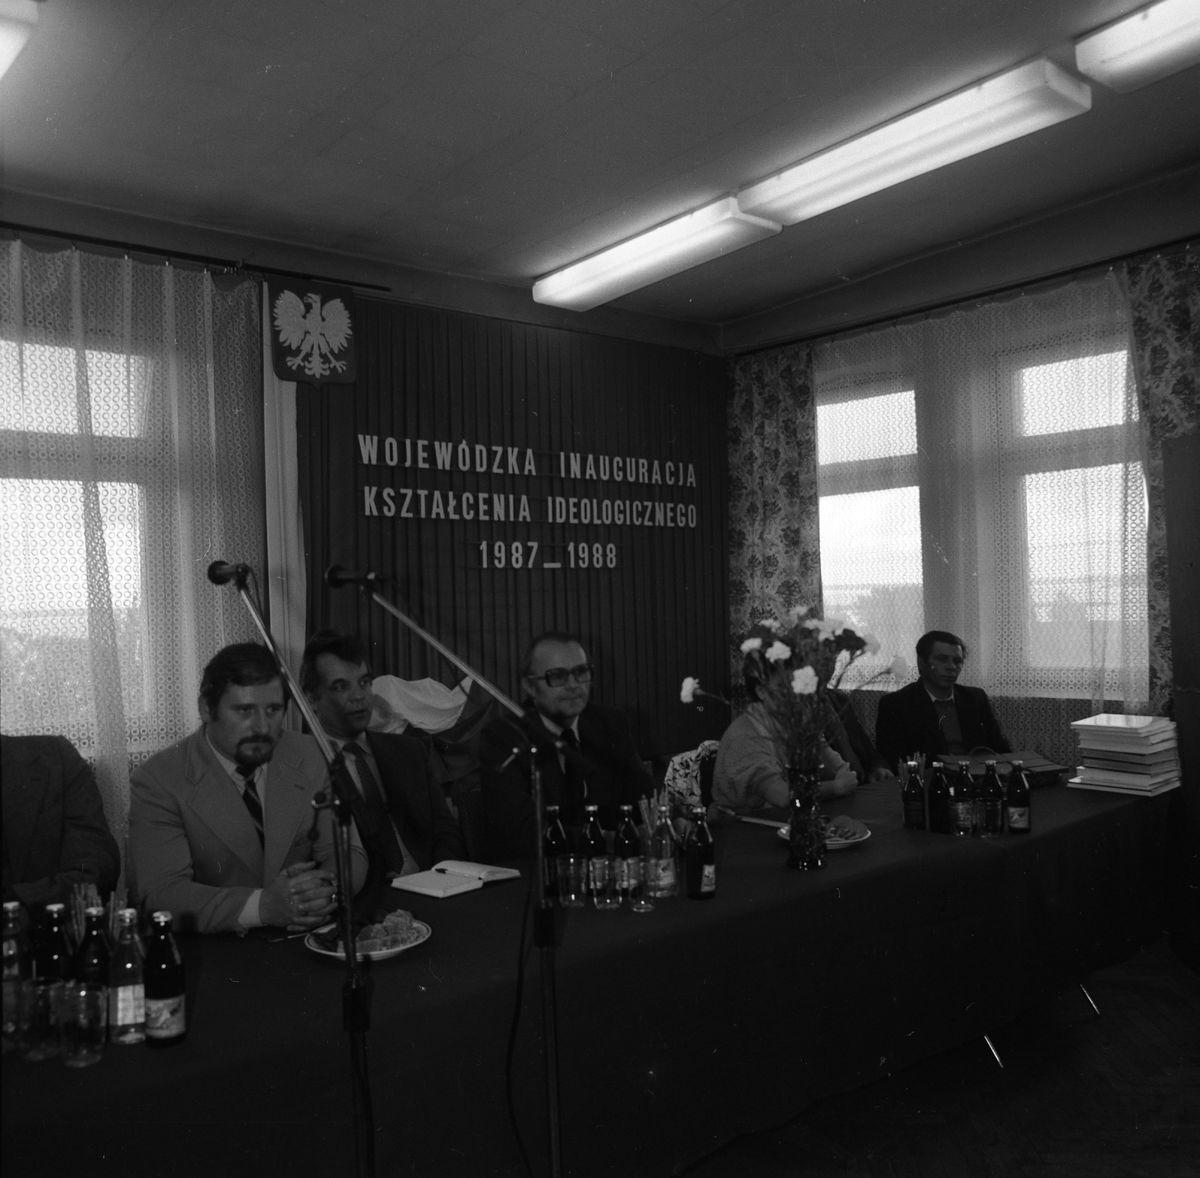 Wojewódzka Inauguracja Kształcenia Ideologicznego, 1987 r. [8]